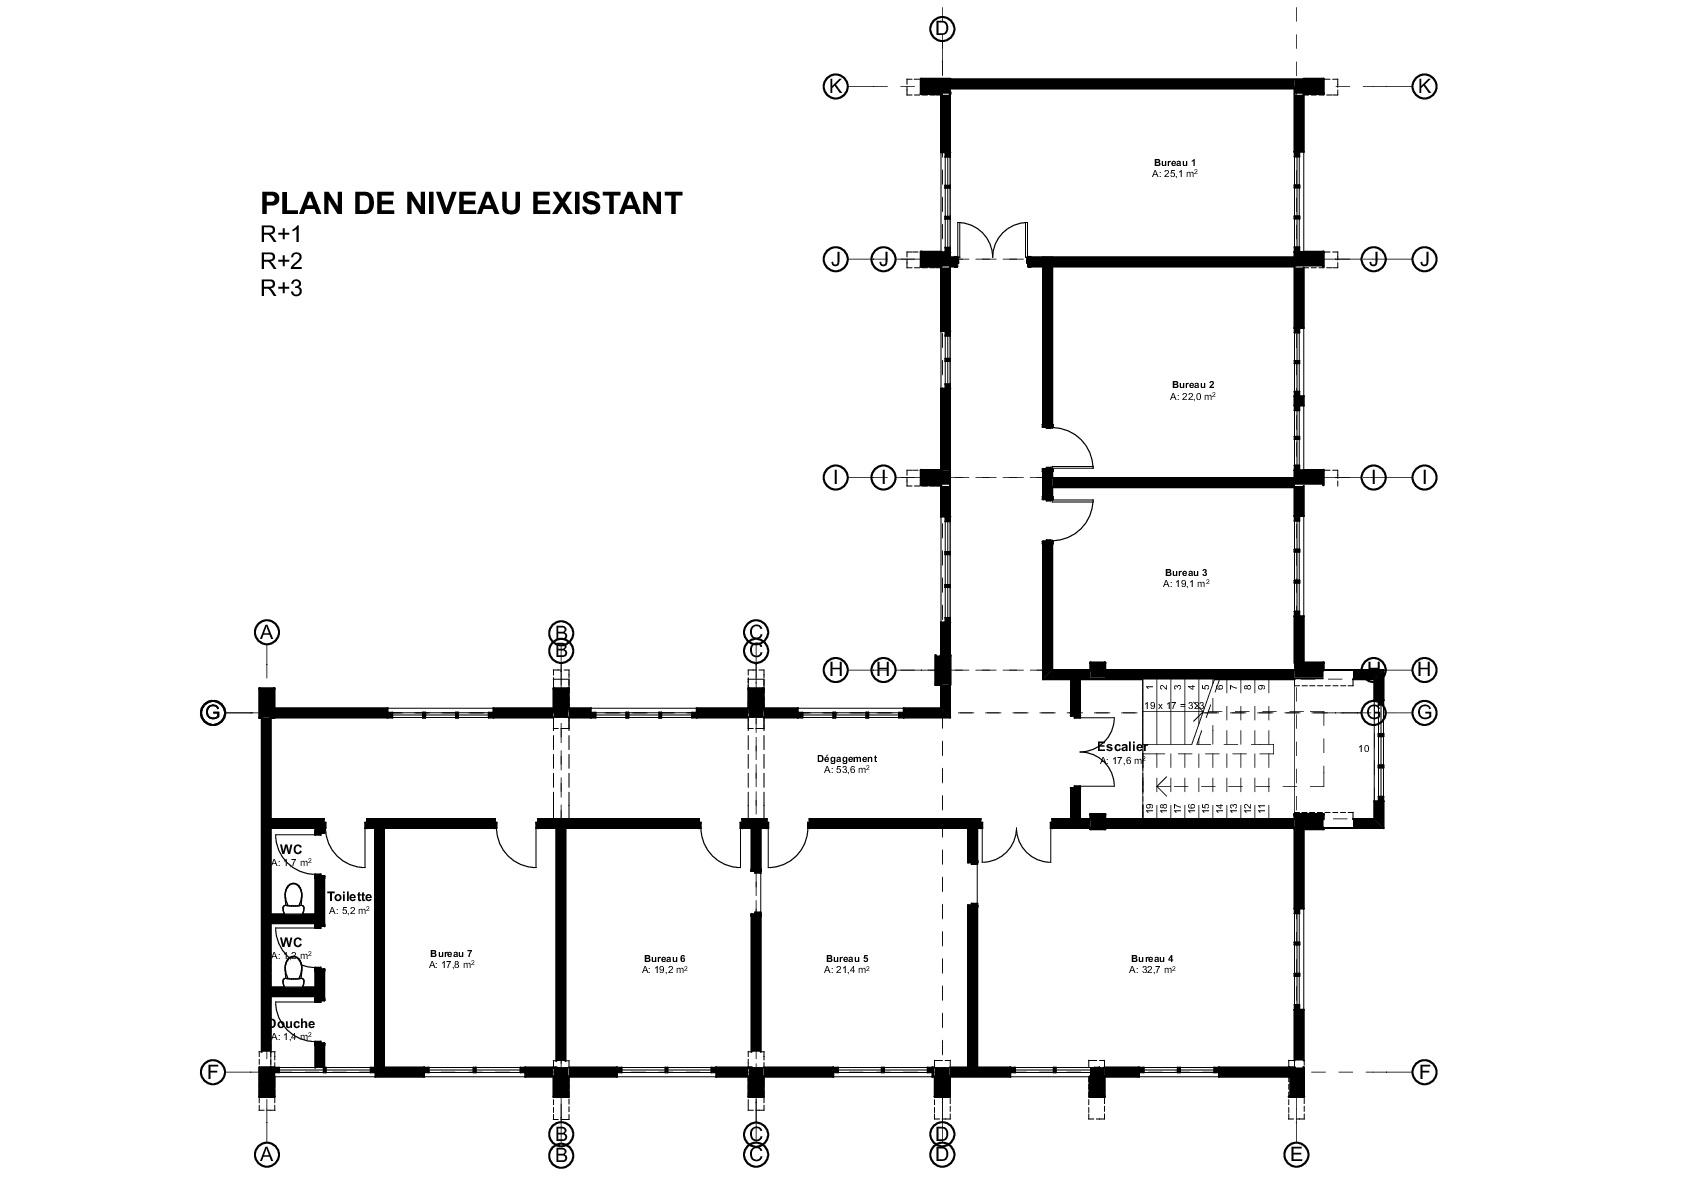 01 PLAN EXISTANT-001